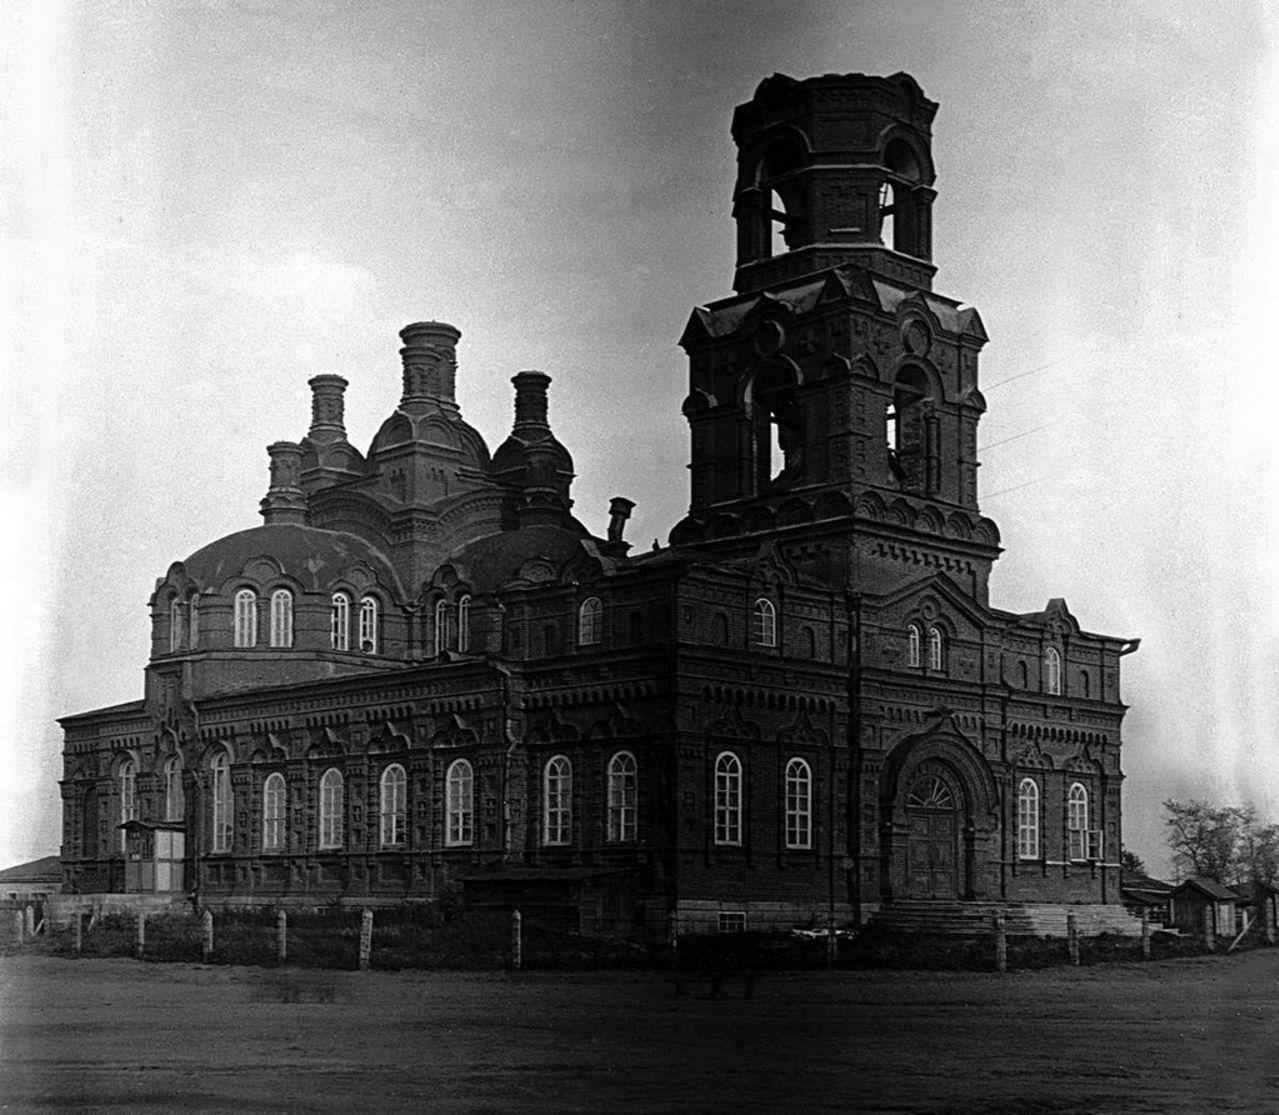 Челябинск. Челябинский областной краеведческий музей в здании Свято-Троицкой церкви. 1935